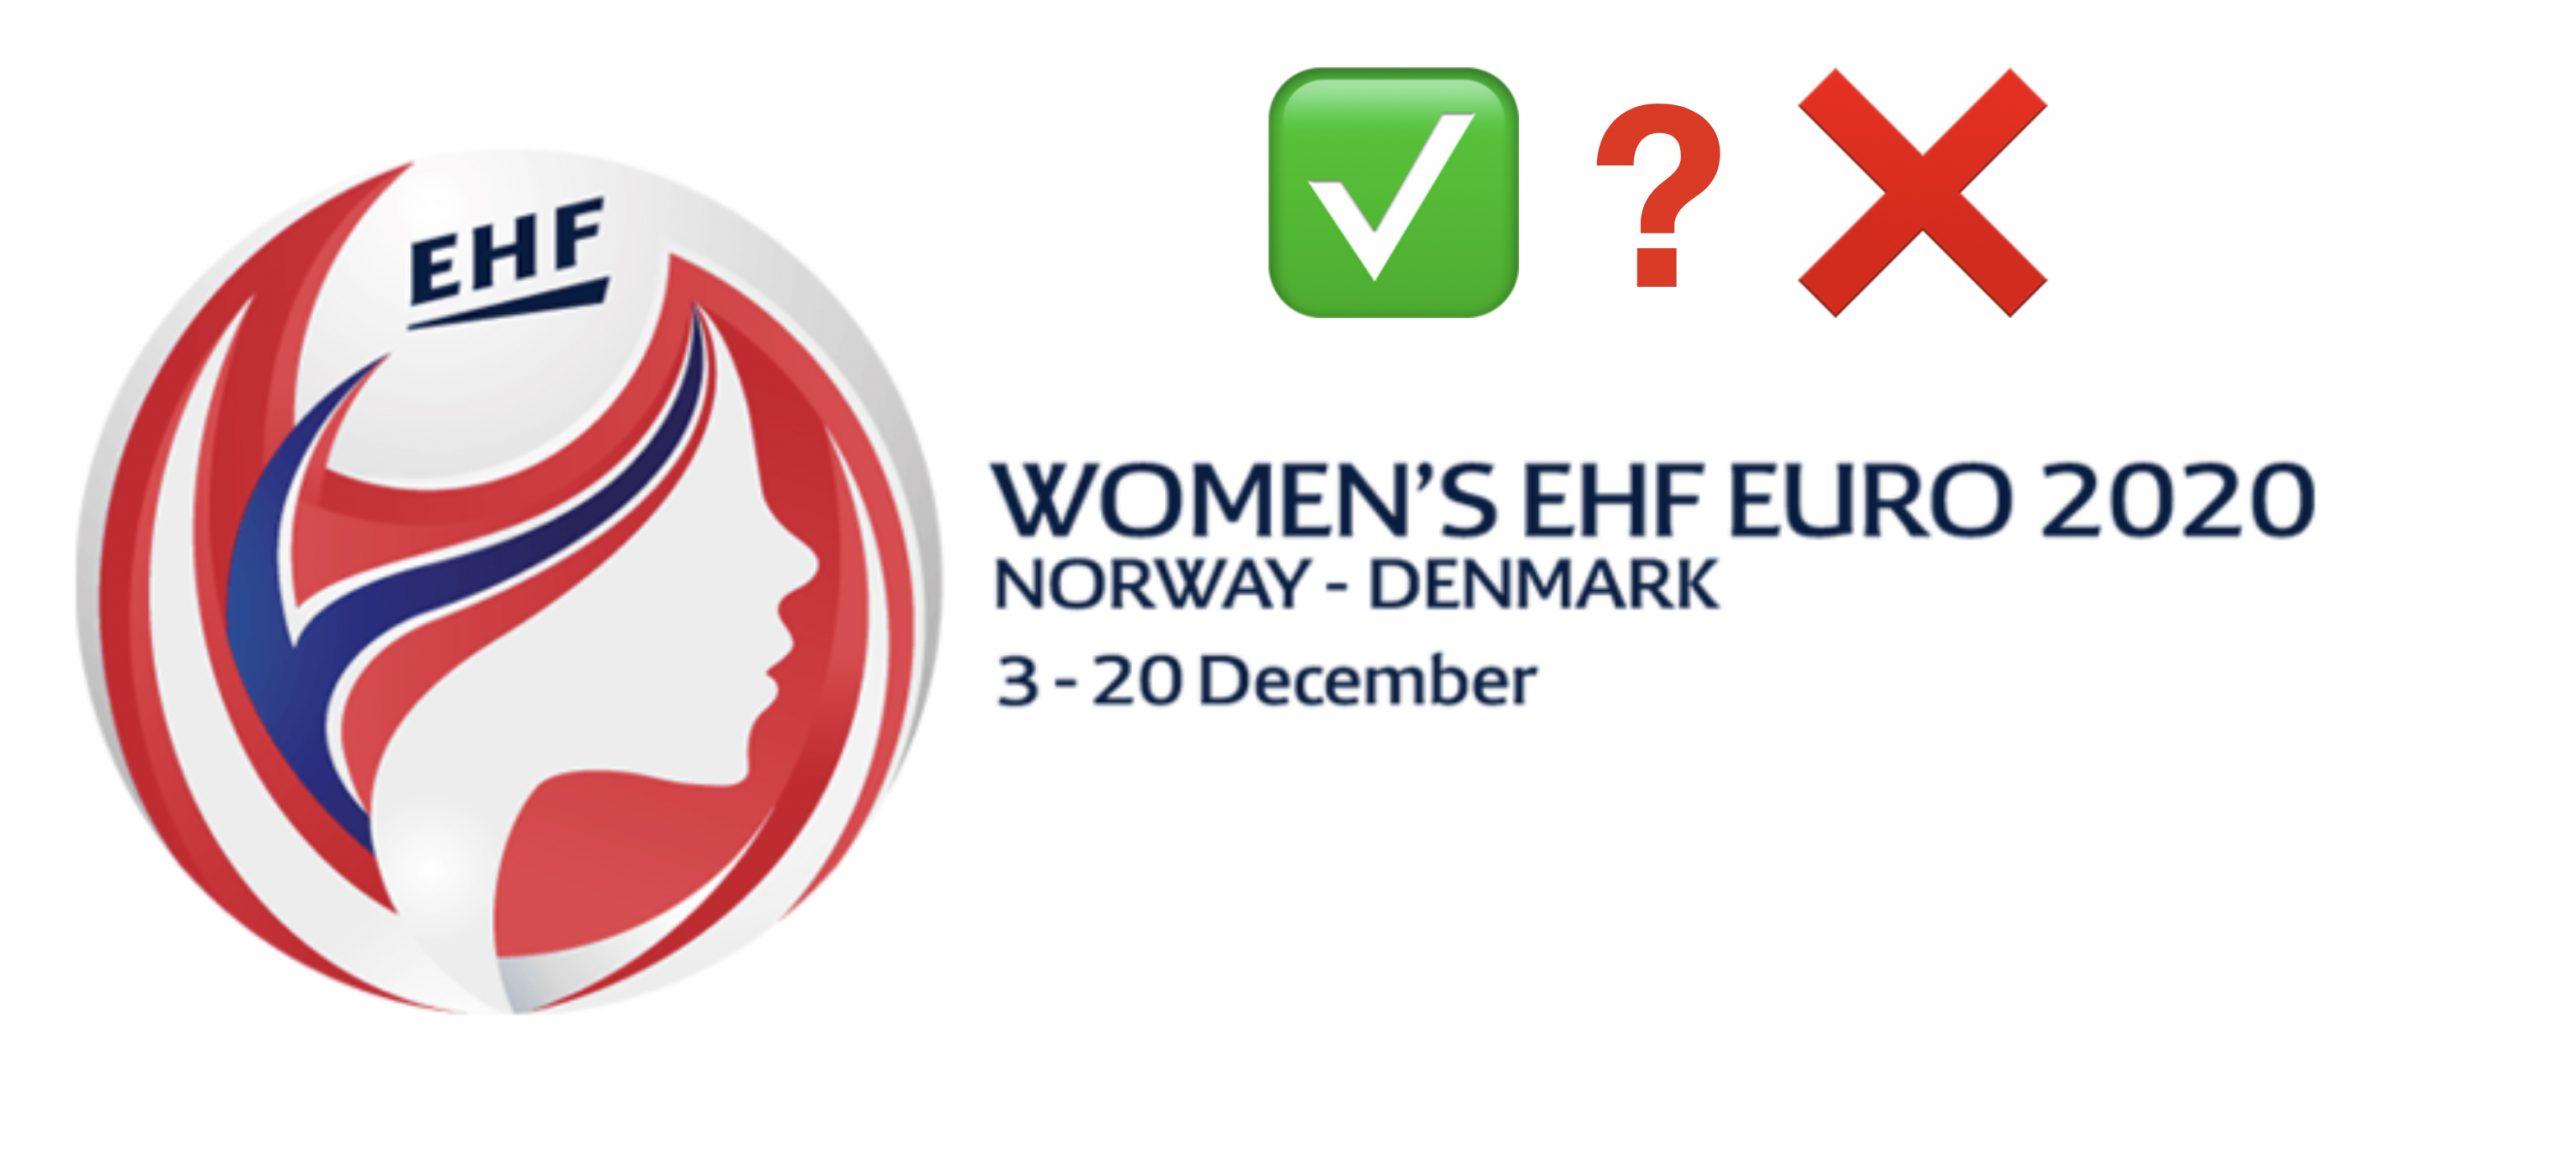 Érdemes-e megrendezni a női EB-t ebben a szituációban? Megoszlanak a vélemények. Szavazz te is!